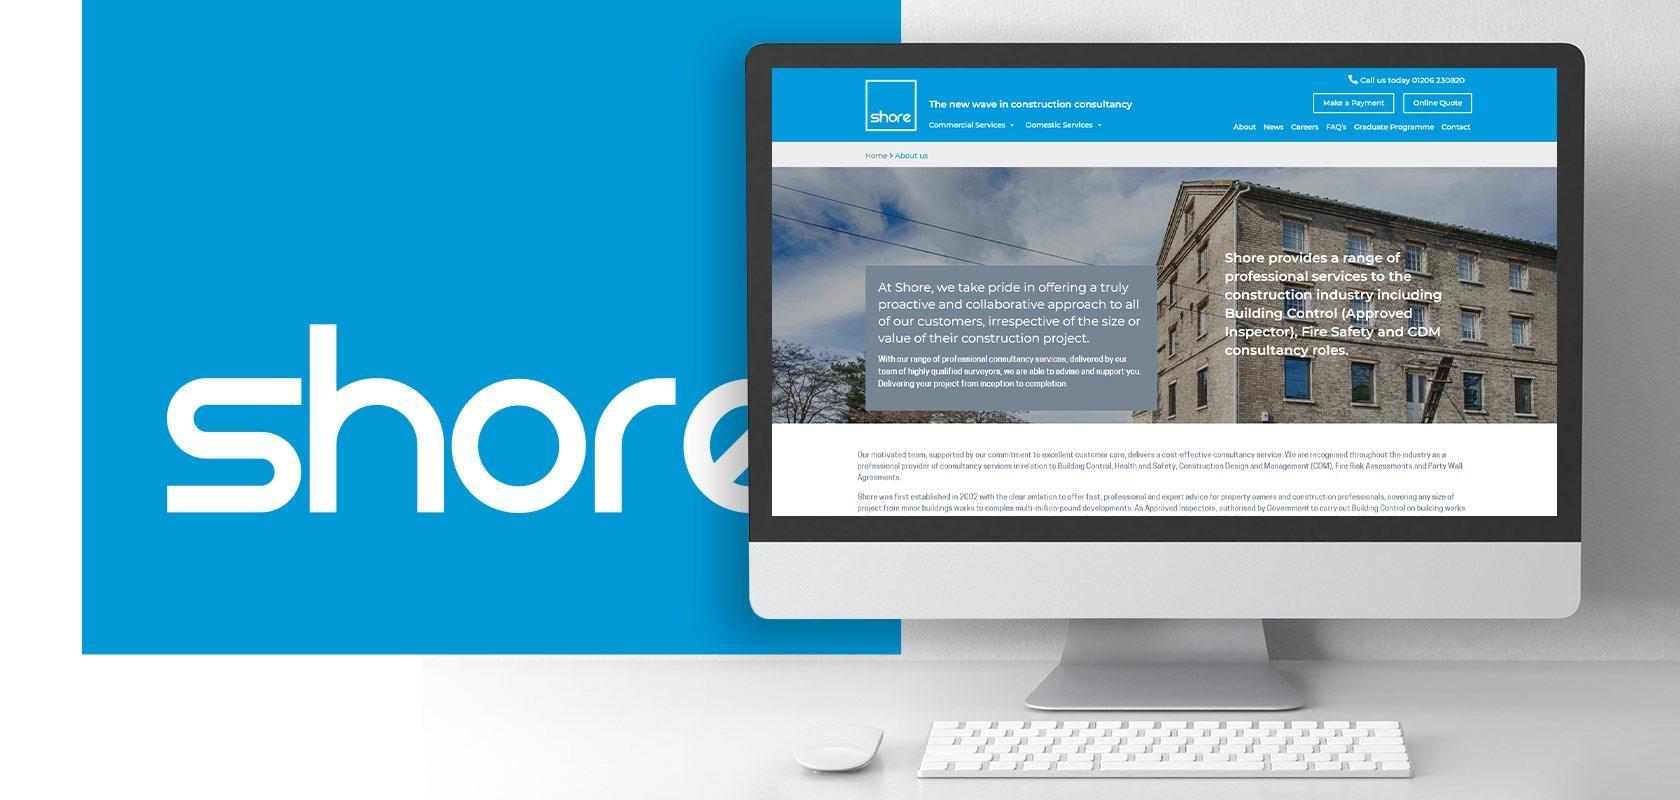 Shore website on iMac